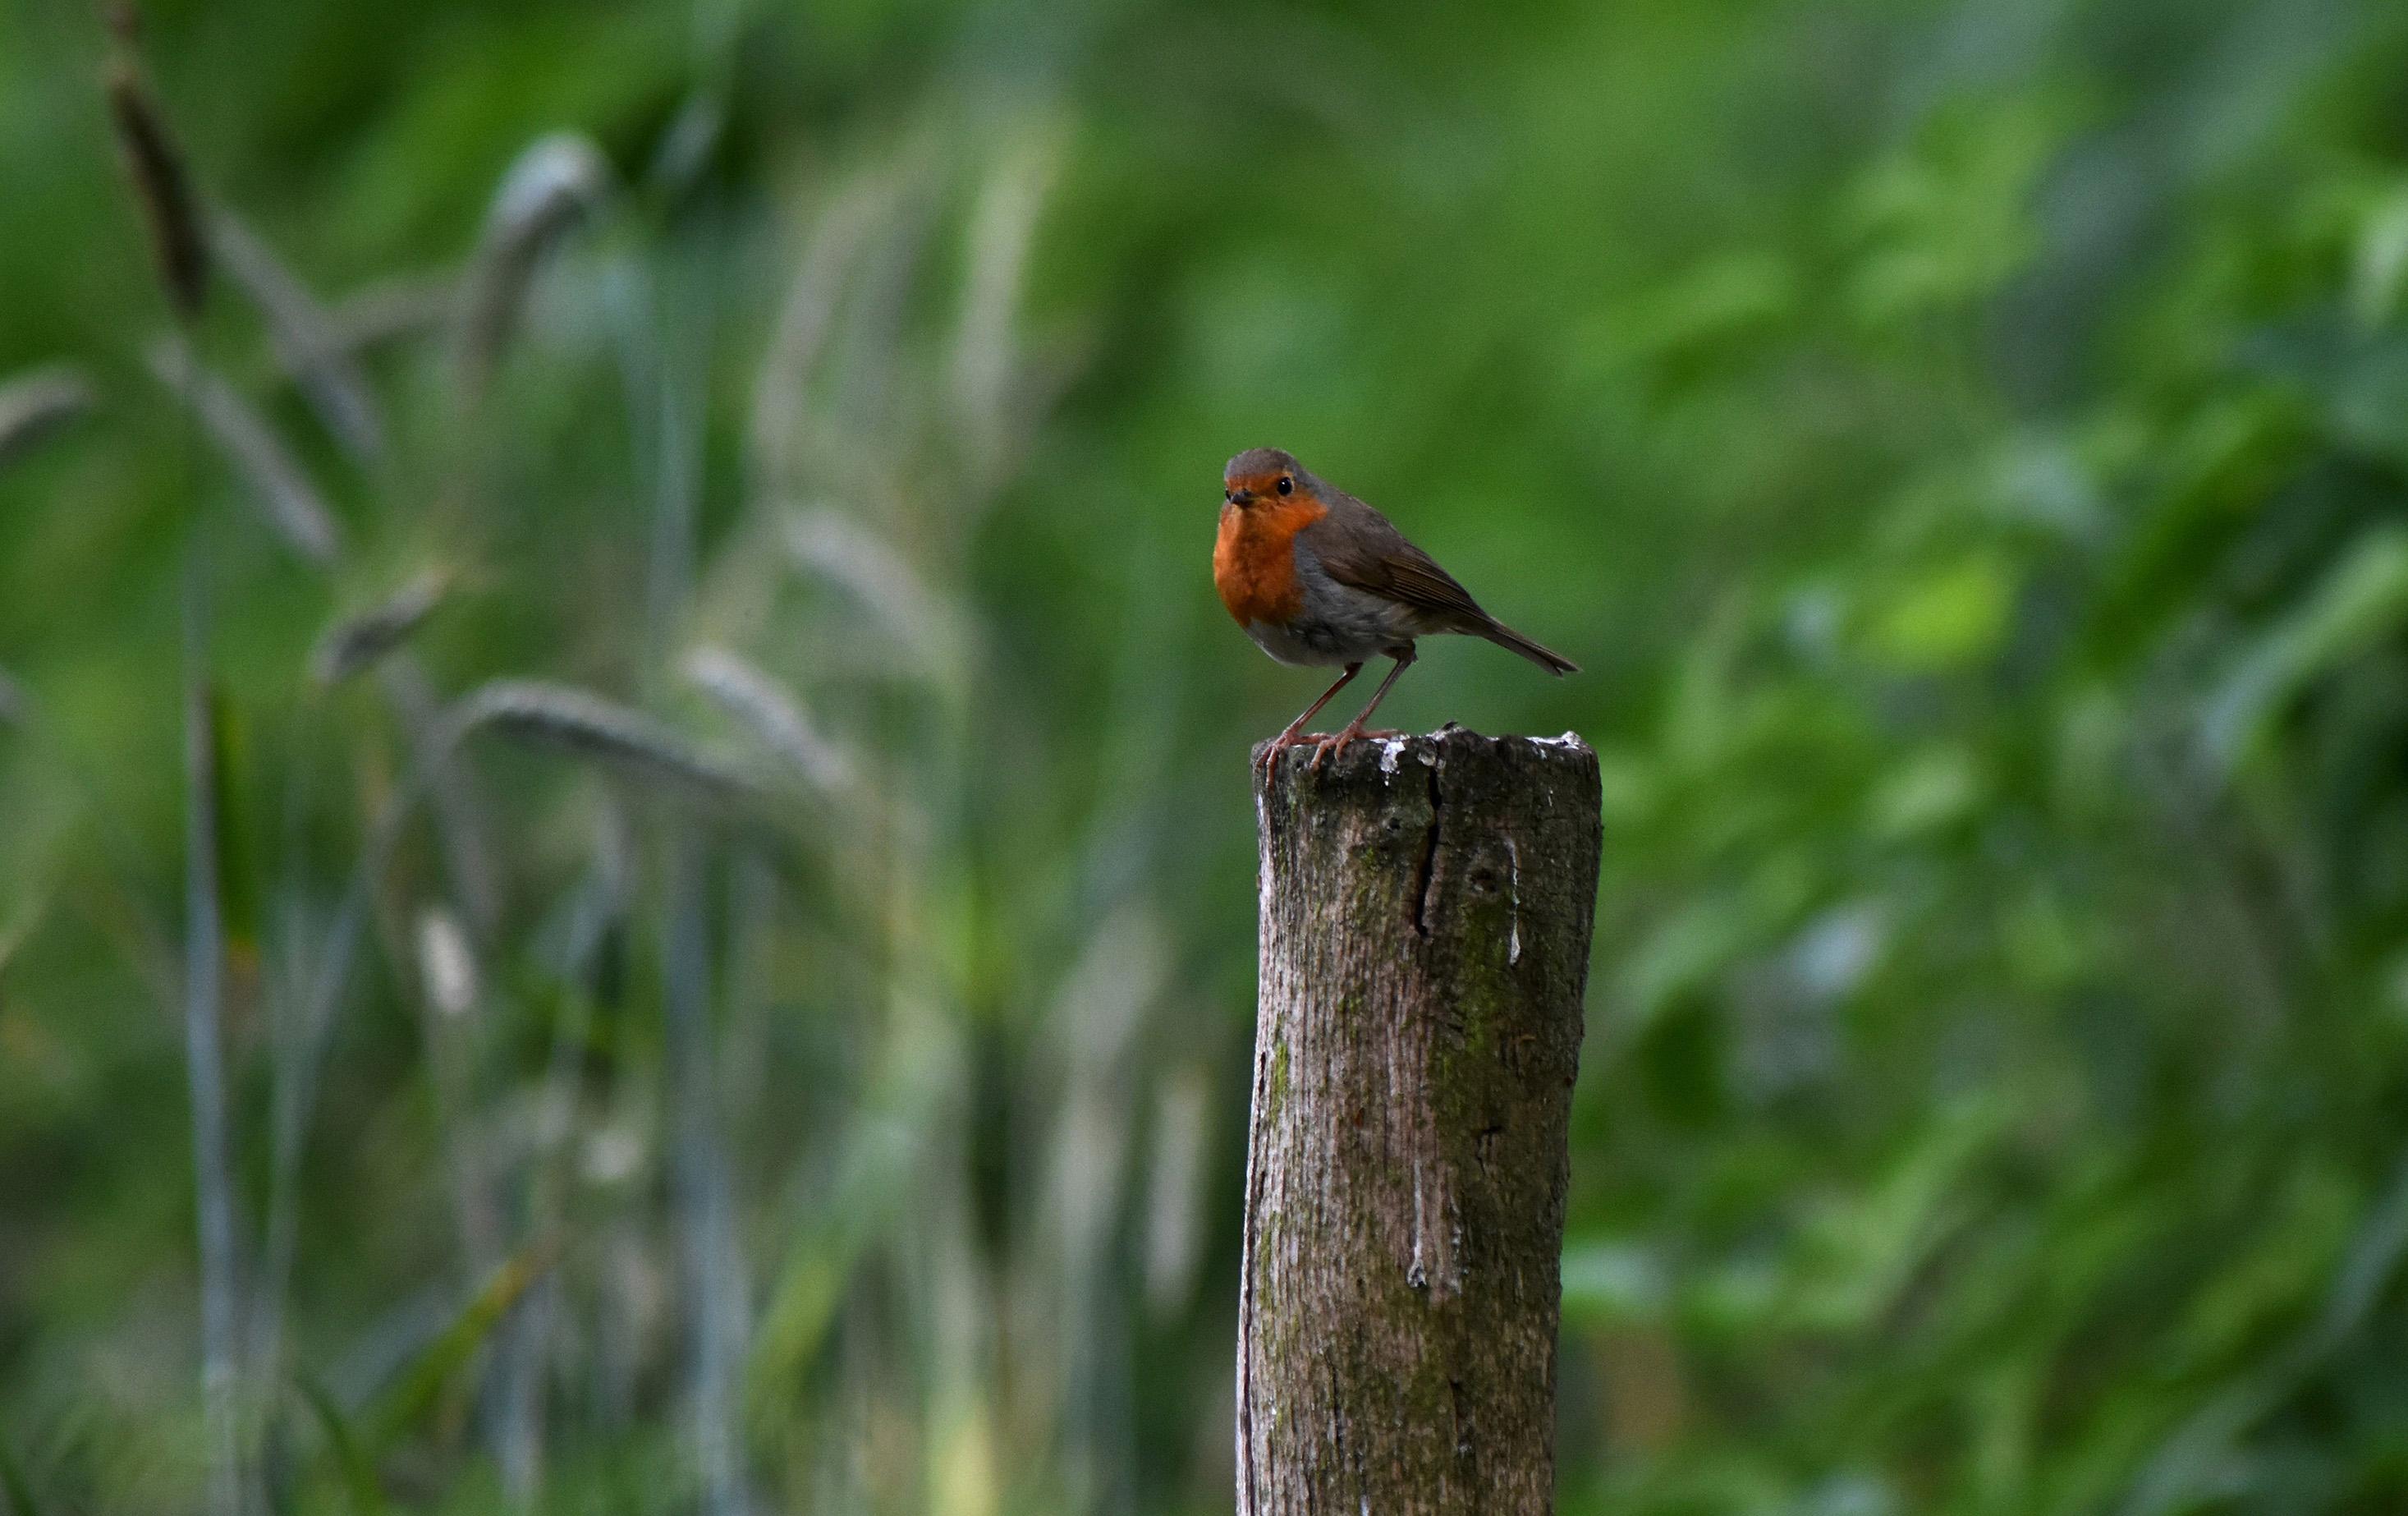 Het Roodborstje op de paal bleef ons later maar volgen in het bos - Foto: ©Louis Fraanje